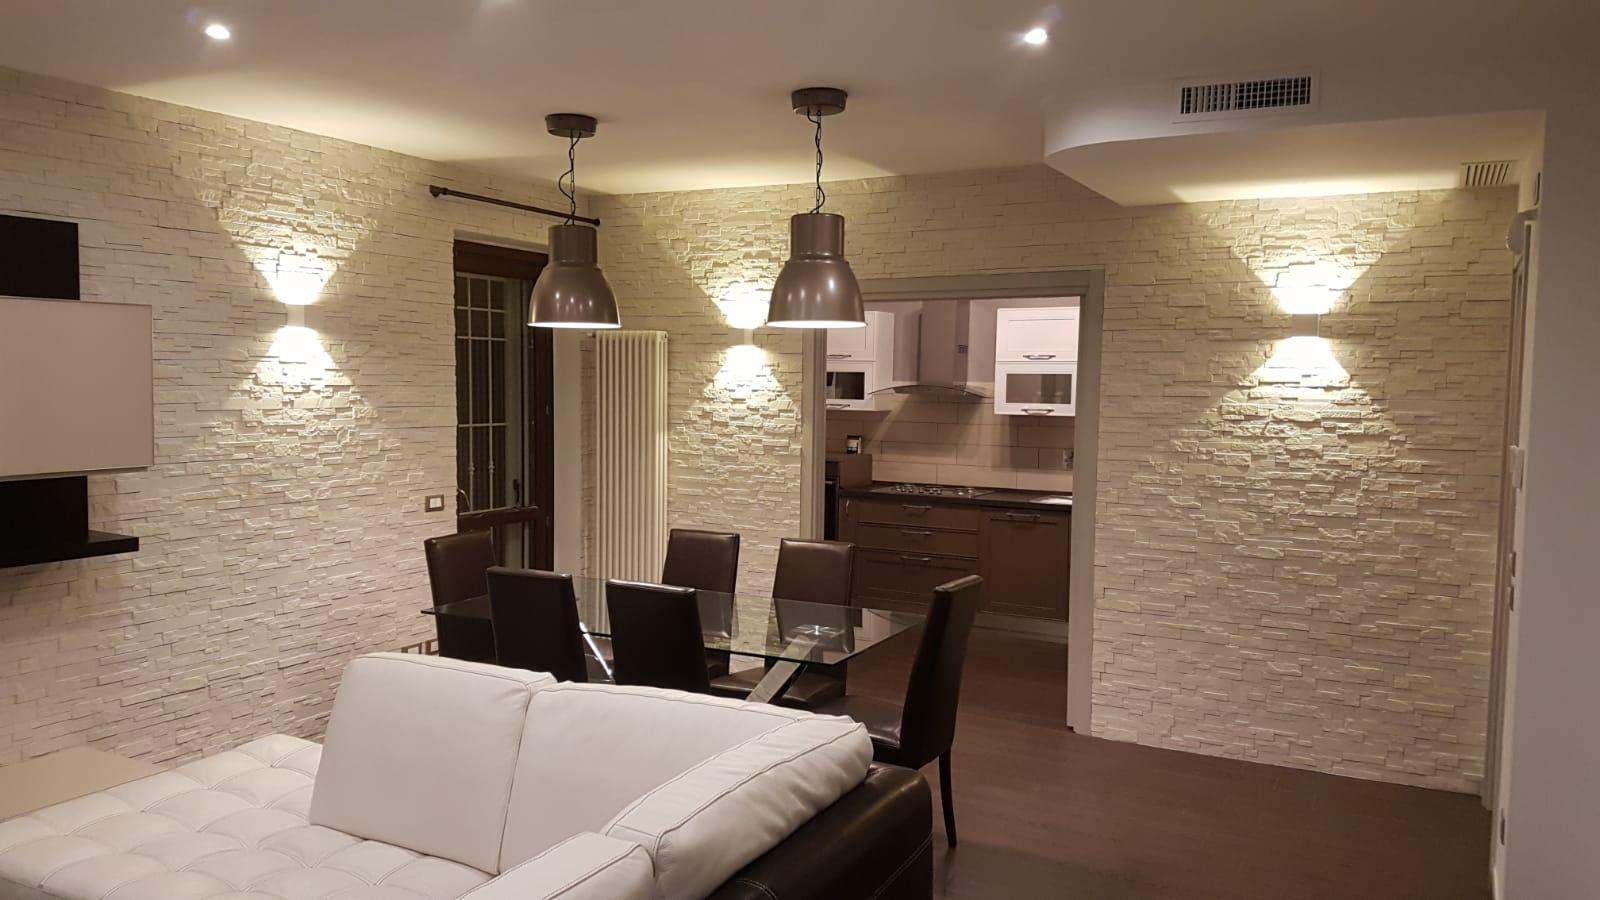 Pareti in pietra trasformano il risultato dell'interior design di un soggiorno zona living arricchita dalle forme irregolari ambienti raffinati e unici. Il Soggiorno Rinnovare Con La Pietra